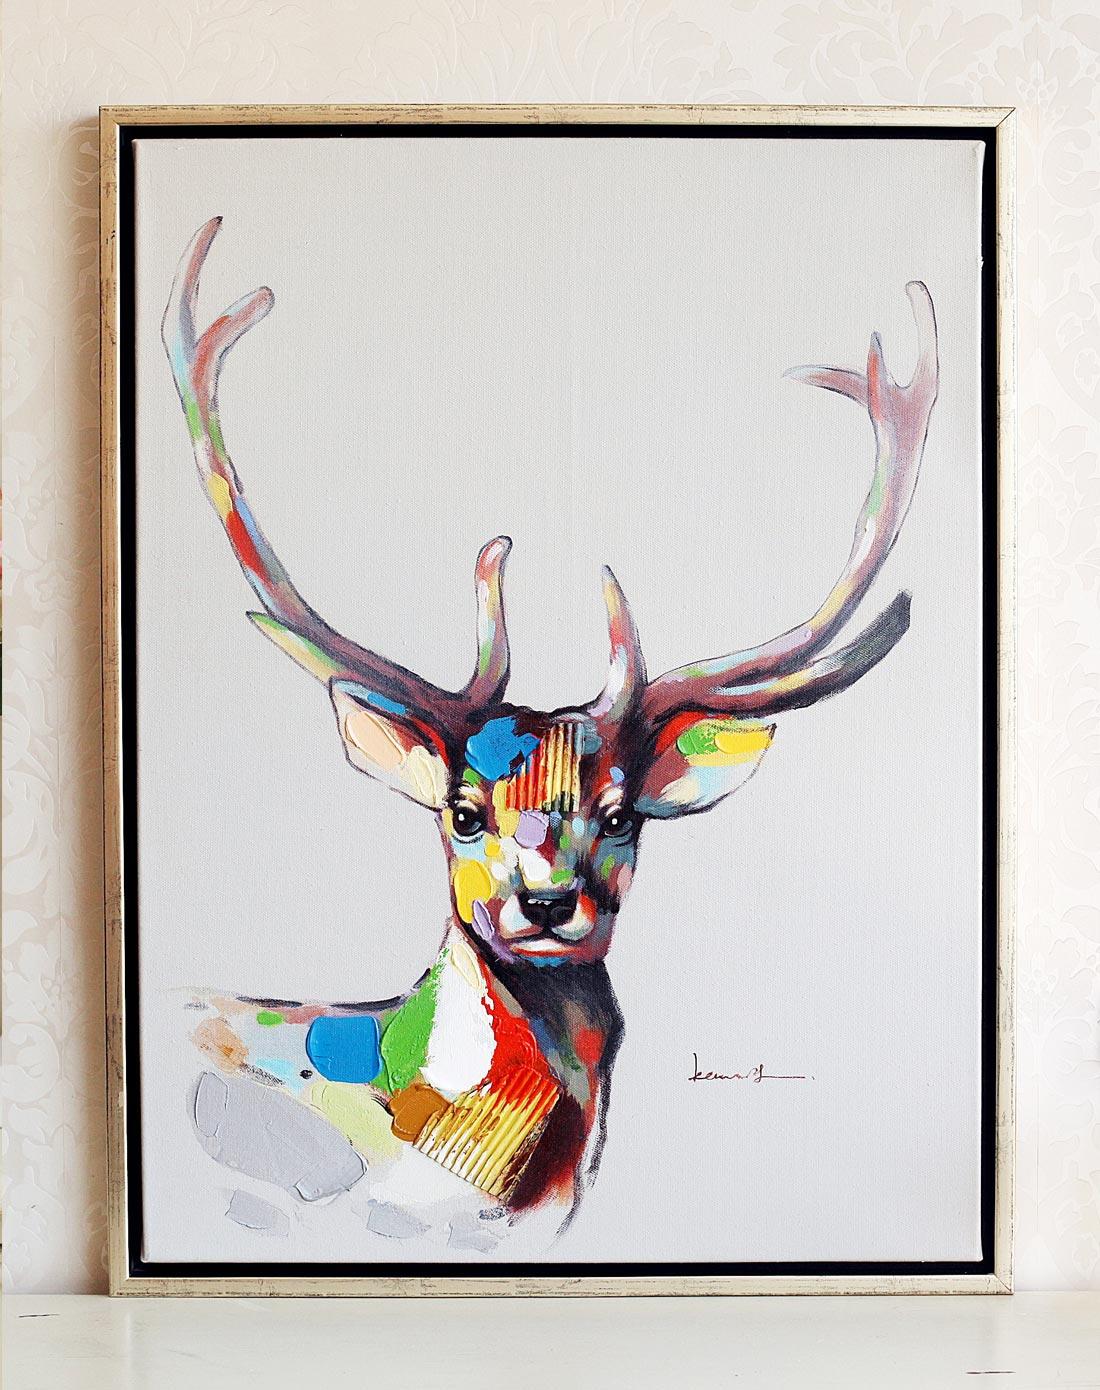 麋鹿客厅手工油画装饰画挂画壁画